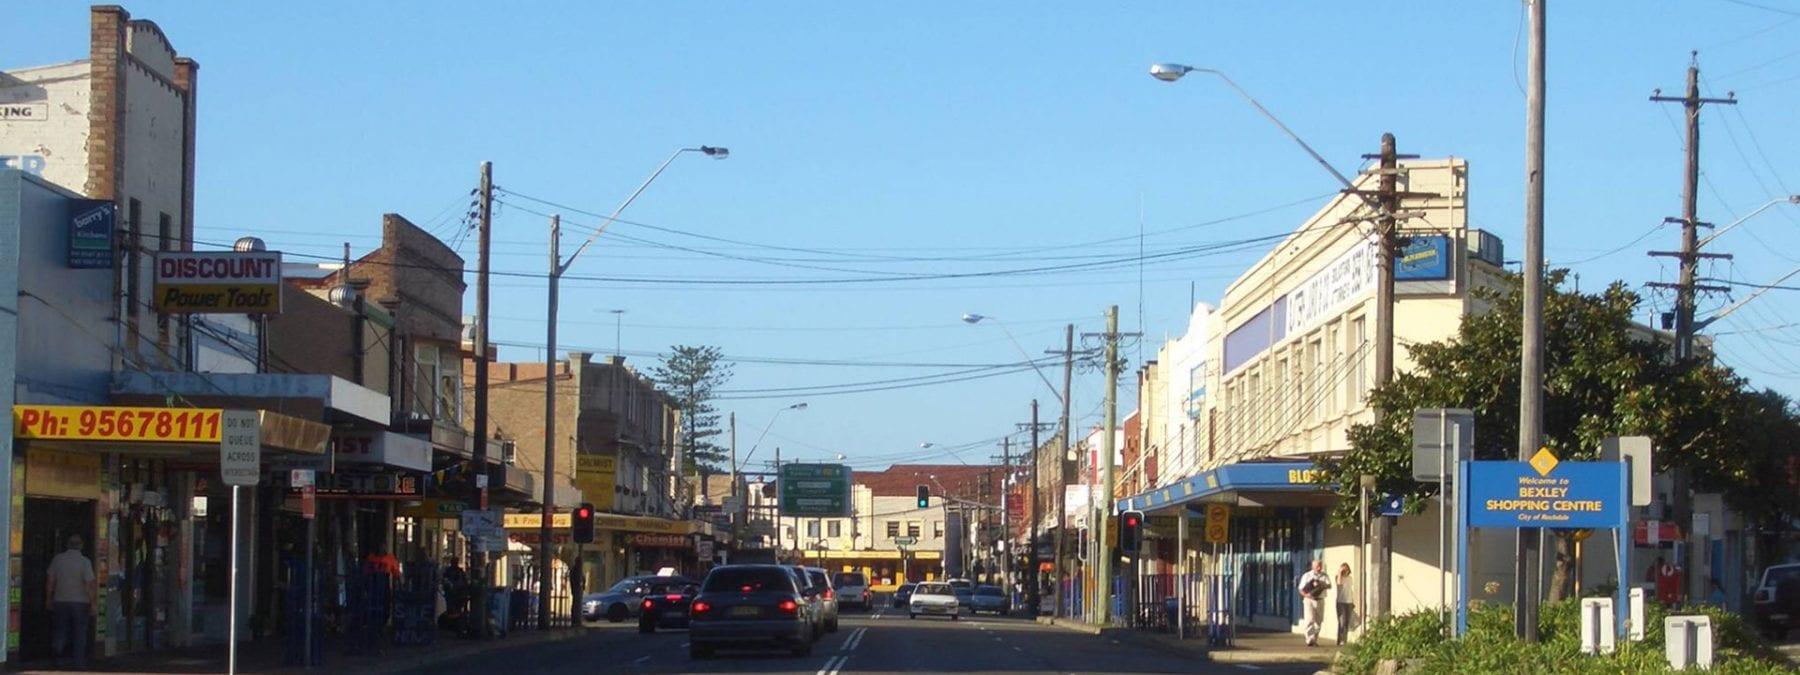 Bexley street view